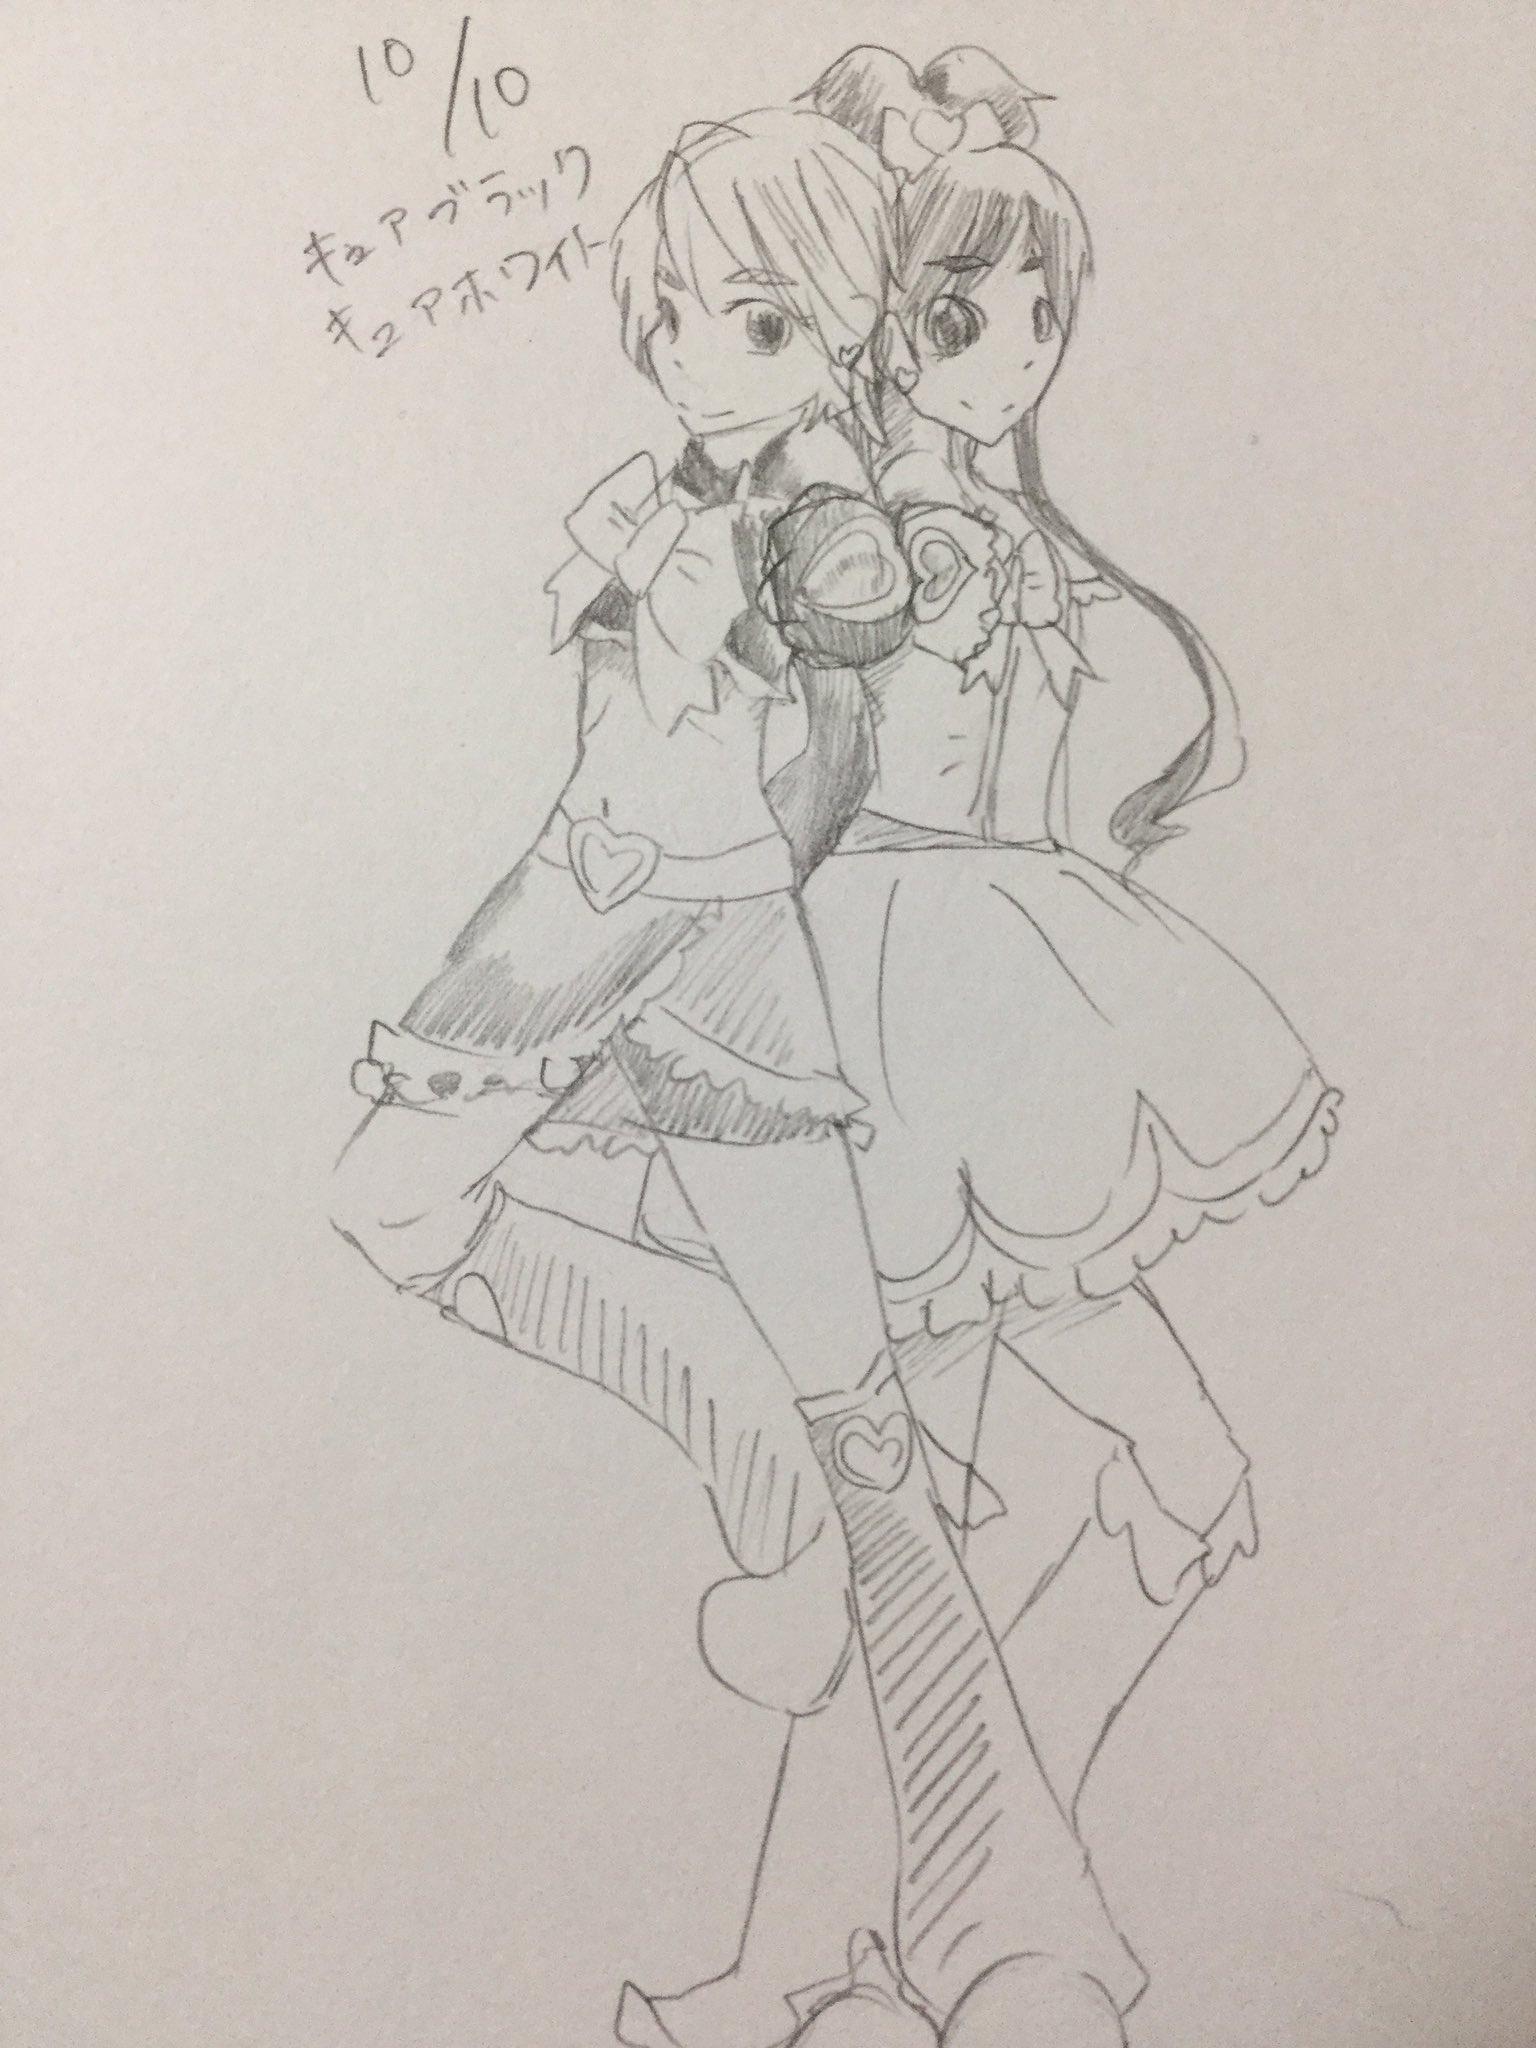 葉緑体 りんごジュース中毒 (@youryokutaigirl)さんのイラスト